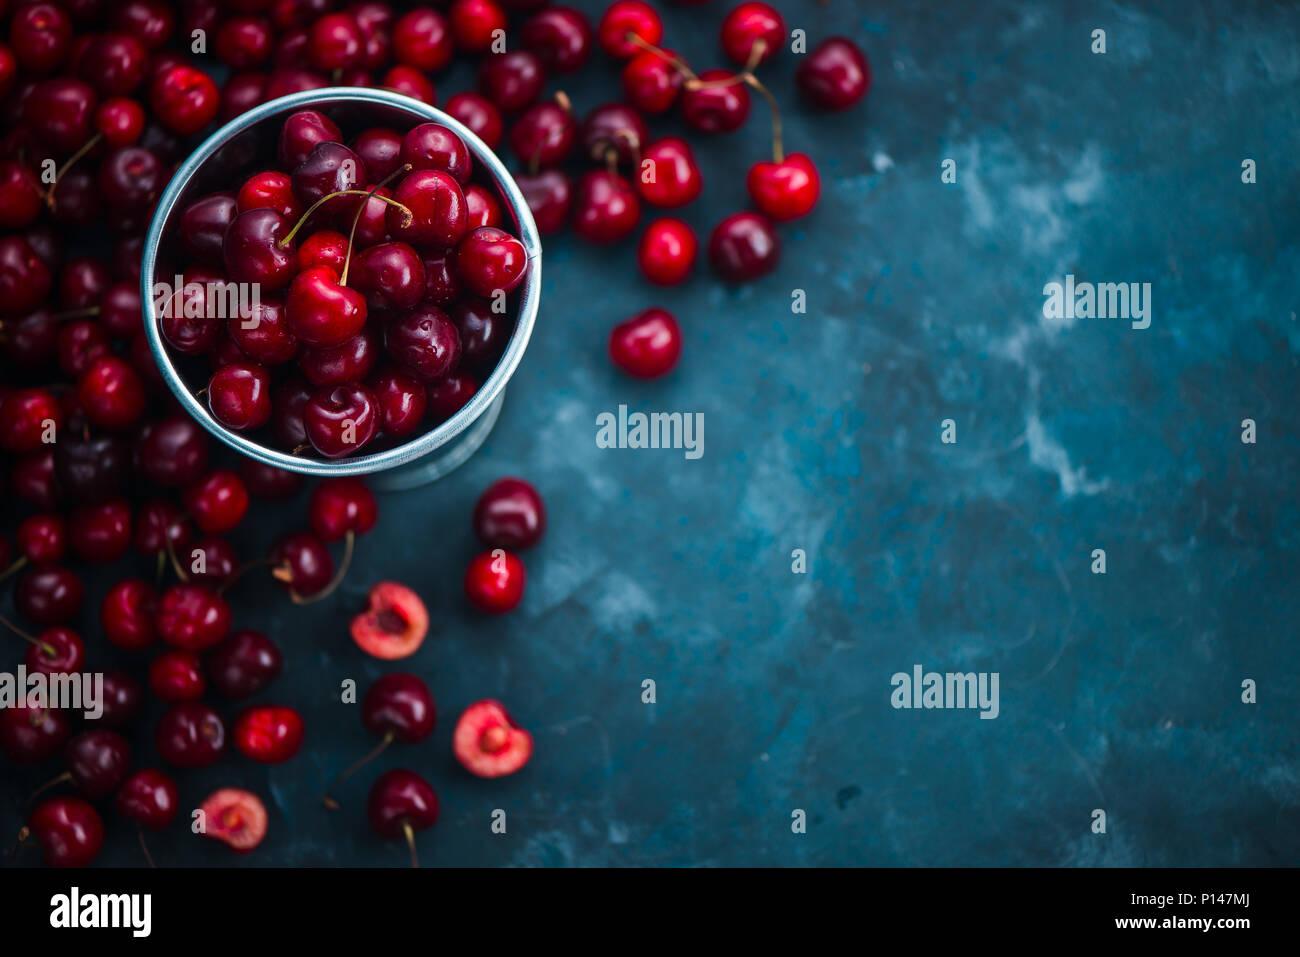 Cerises avec un petit seau en métal sur une base de béton gris, l'été des petits fruits concept avec copie espace. Des tons de couleur neutre still life Banque D'Images